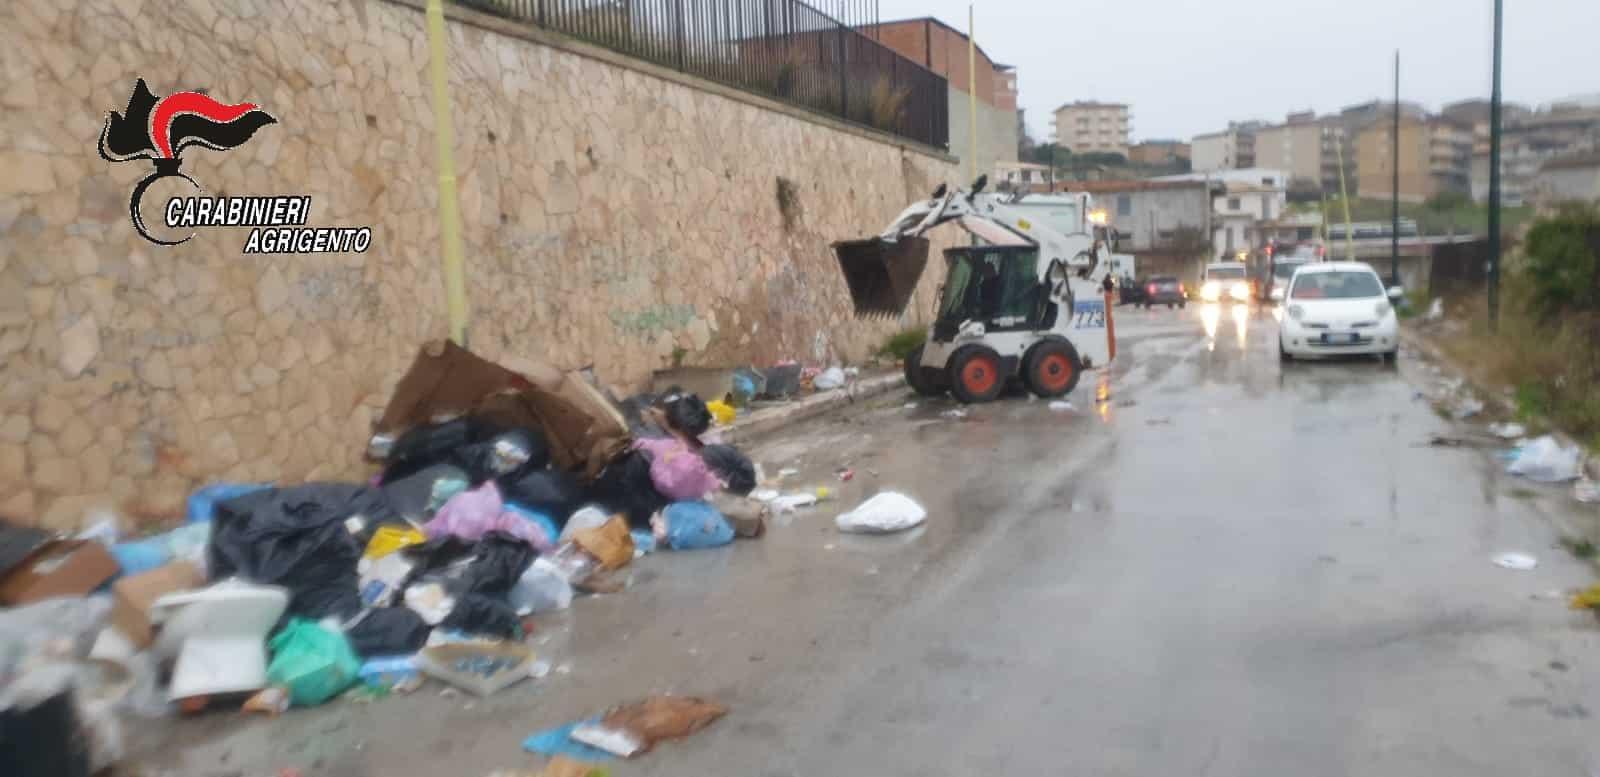 Bonifica del sito di Favara ovest, smaltimento di rifiuti in via Giacomo Puccini